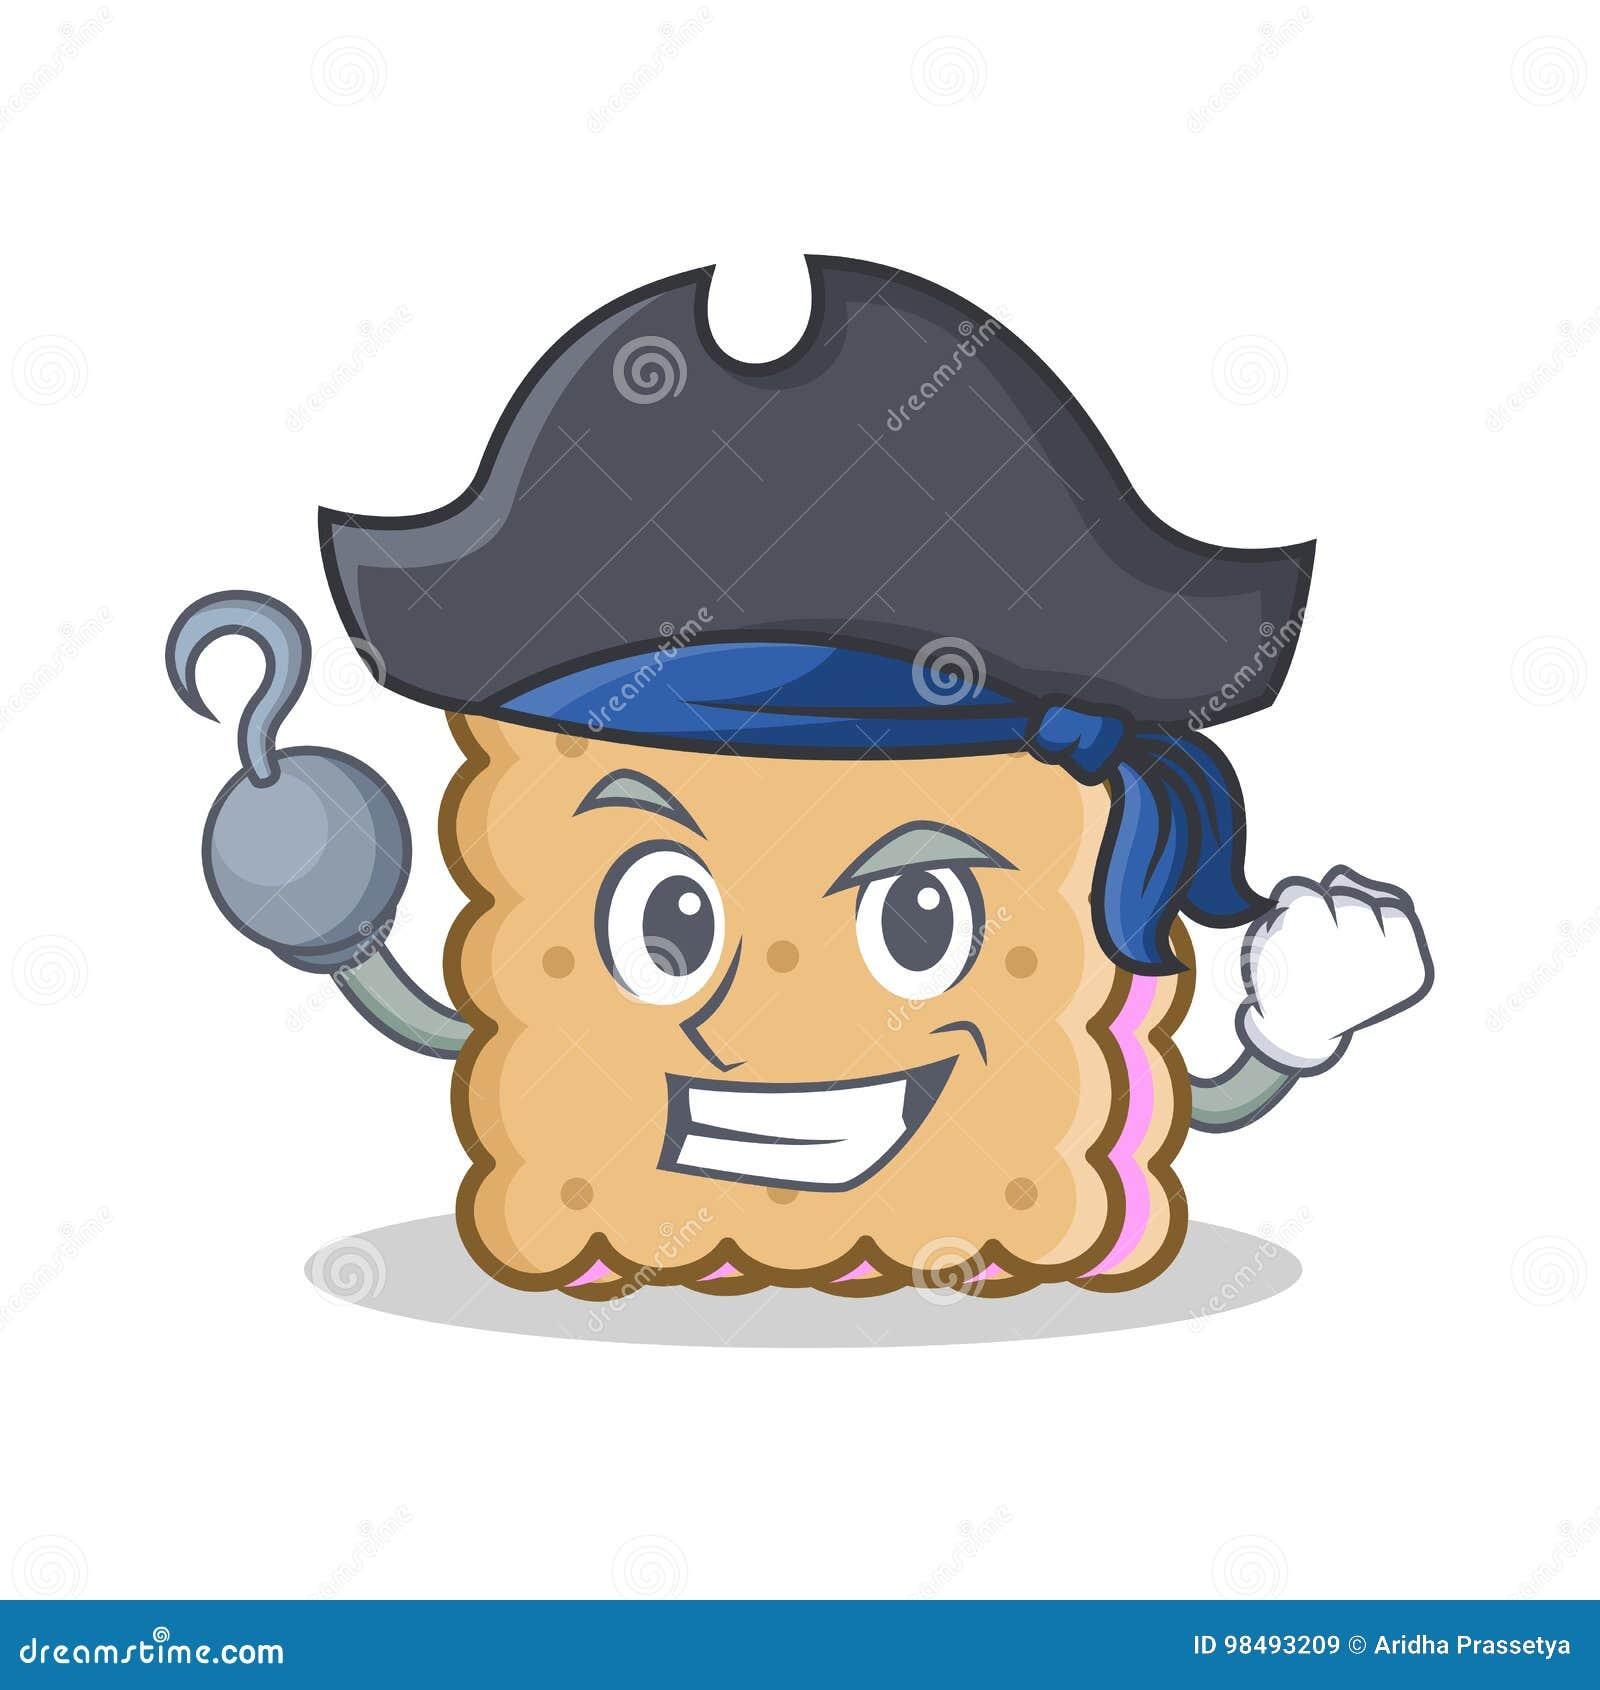 Stile di personaggio dei cartoni animati del biscotto del pirata